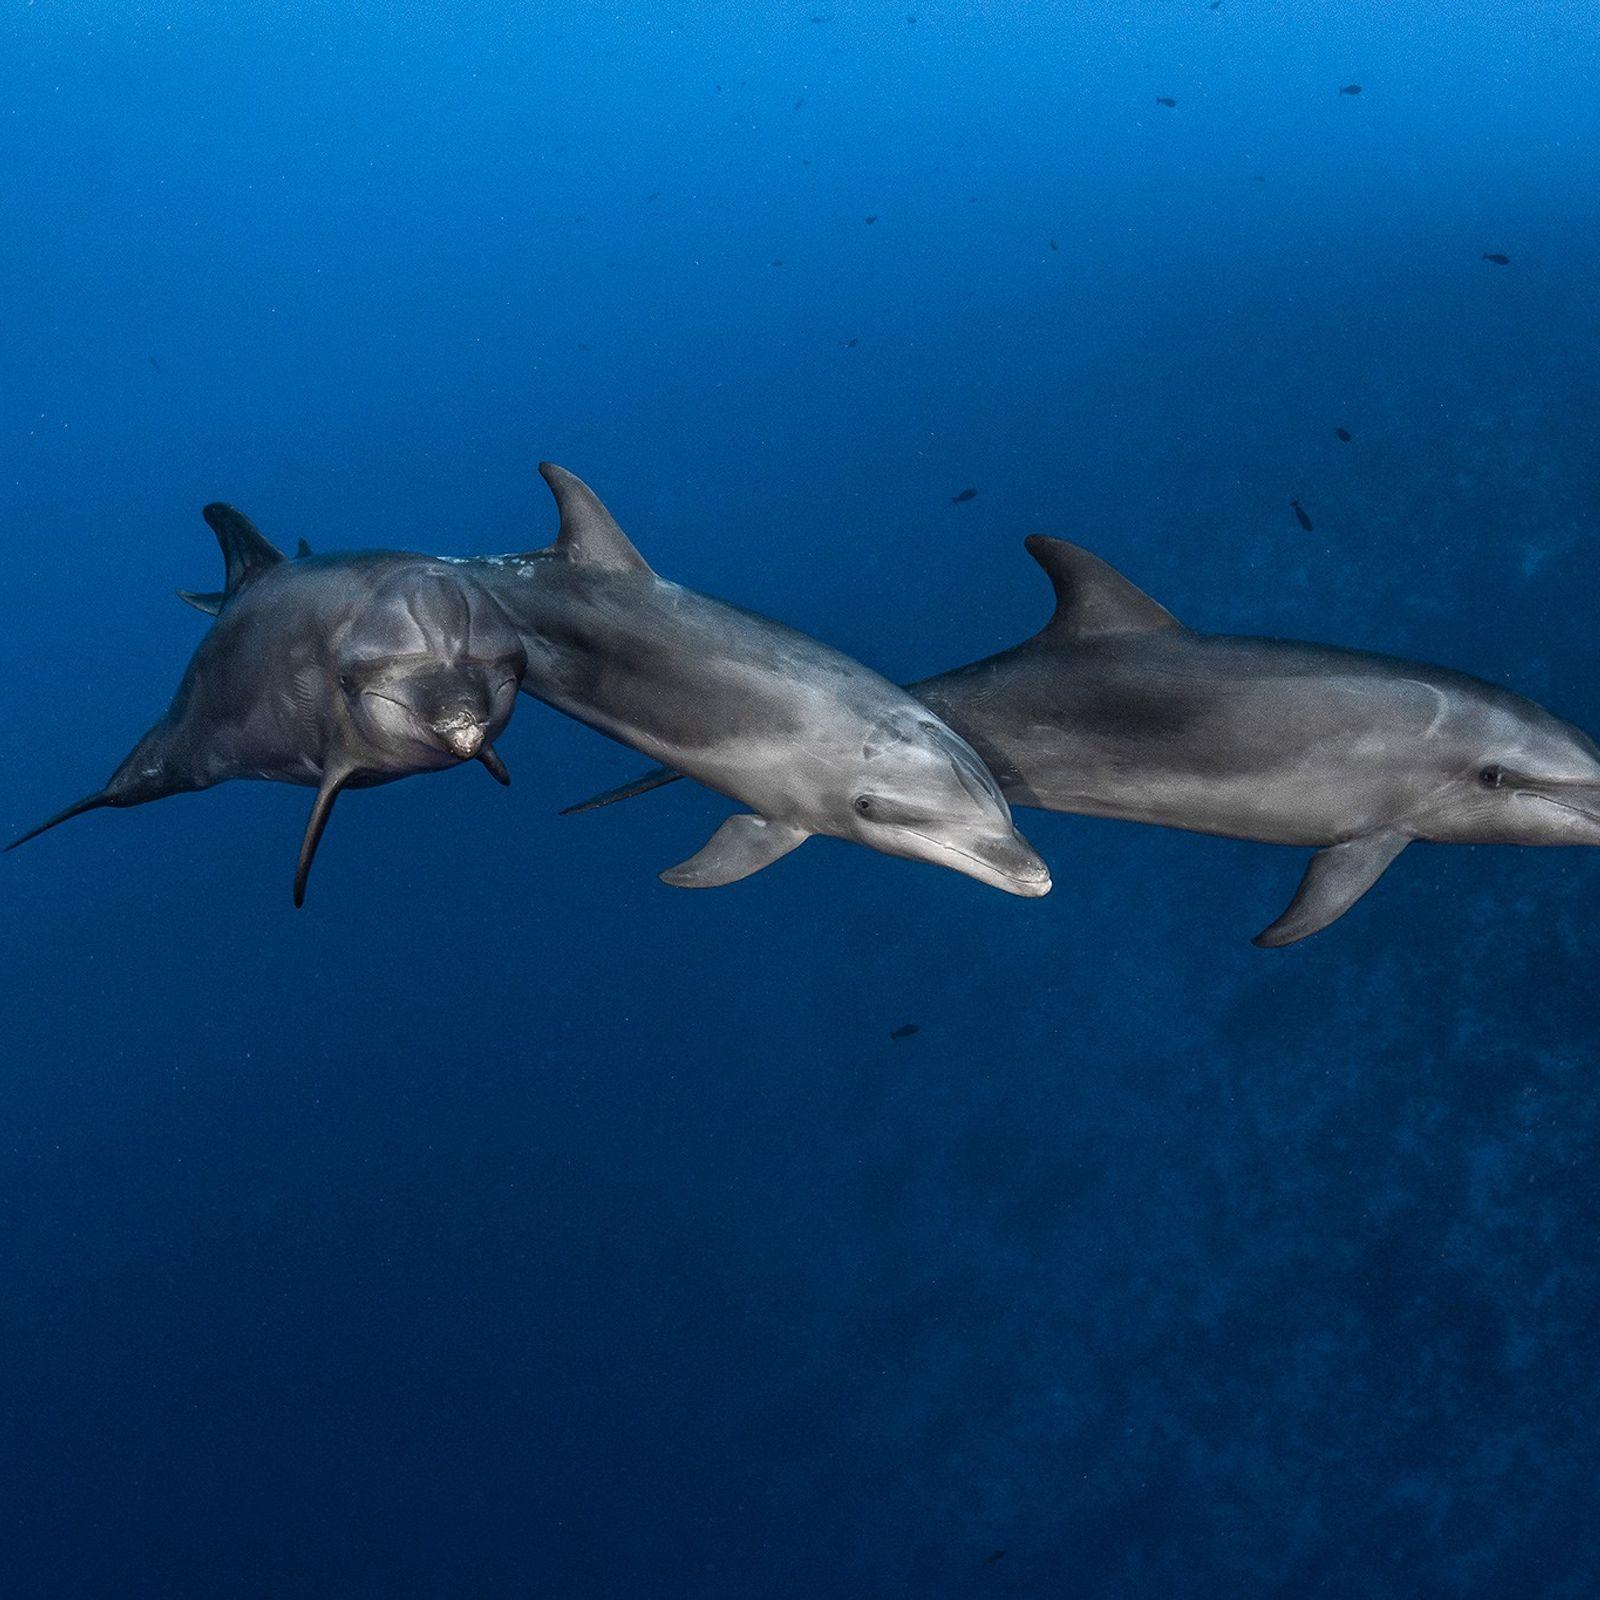 L'heure est à la chasse pour ces trois grands dauphins au large de l'atoll Rangiroa en ...